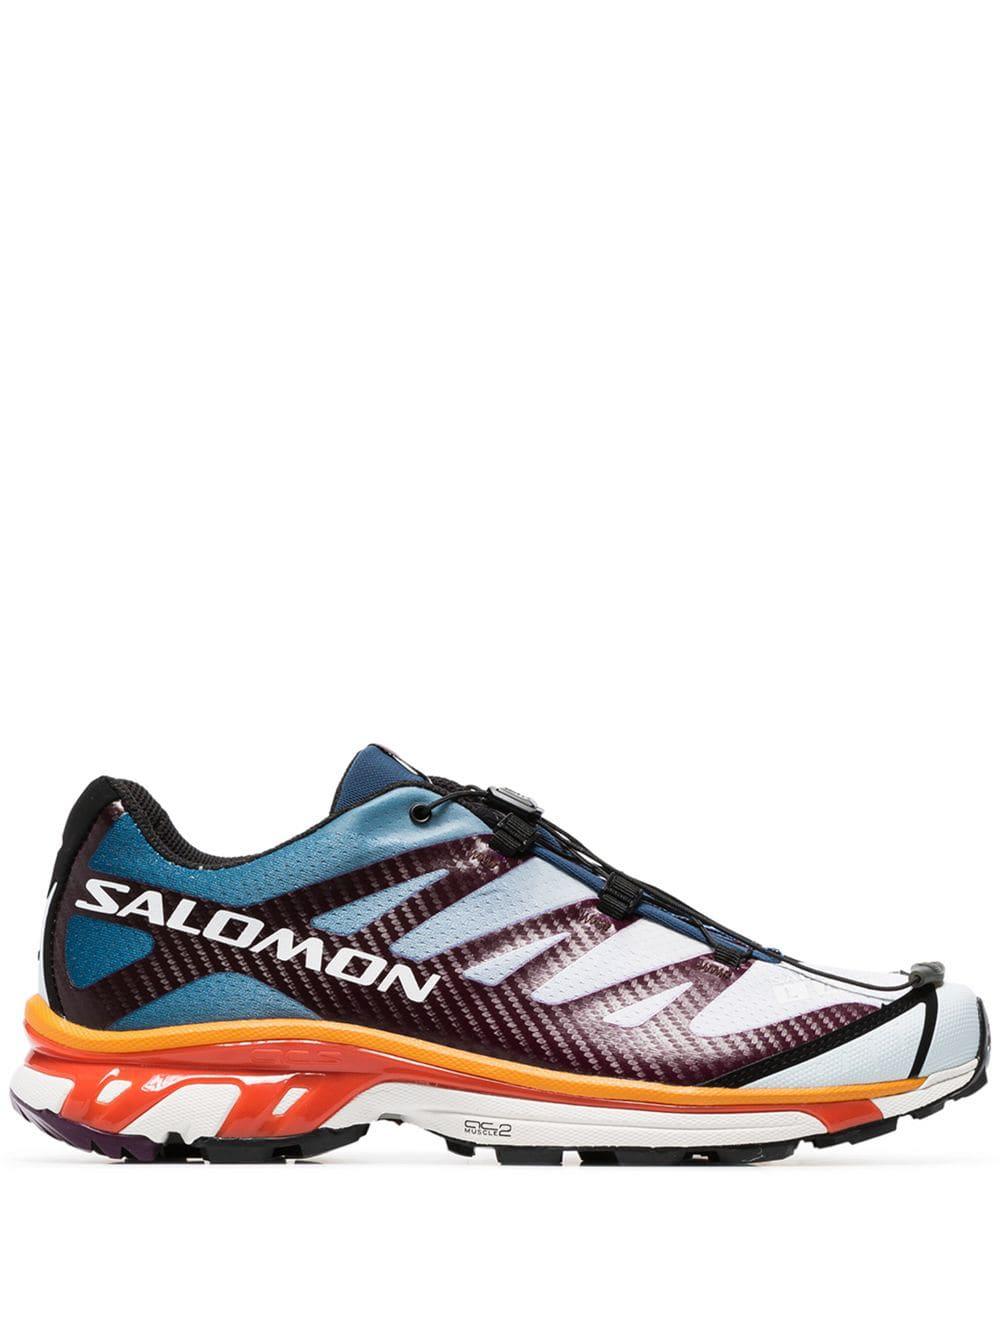 separation shoes 66713 5886e Salomon S Lab Xt 4 Adv Sneakers - Blue Purple Red